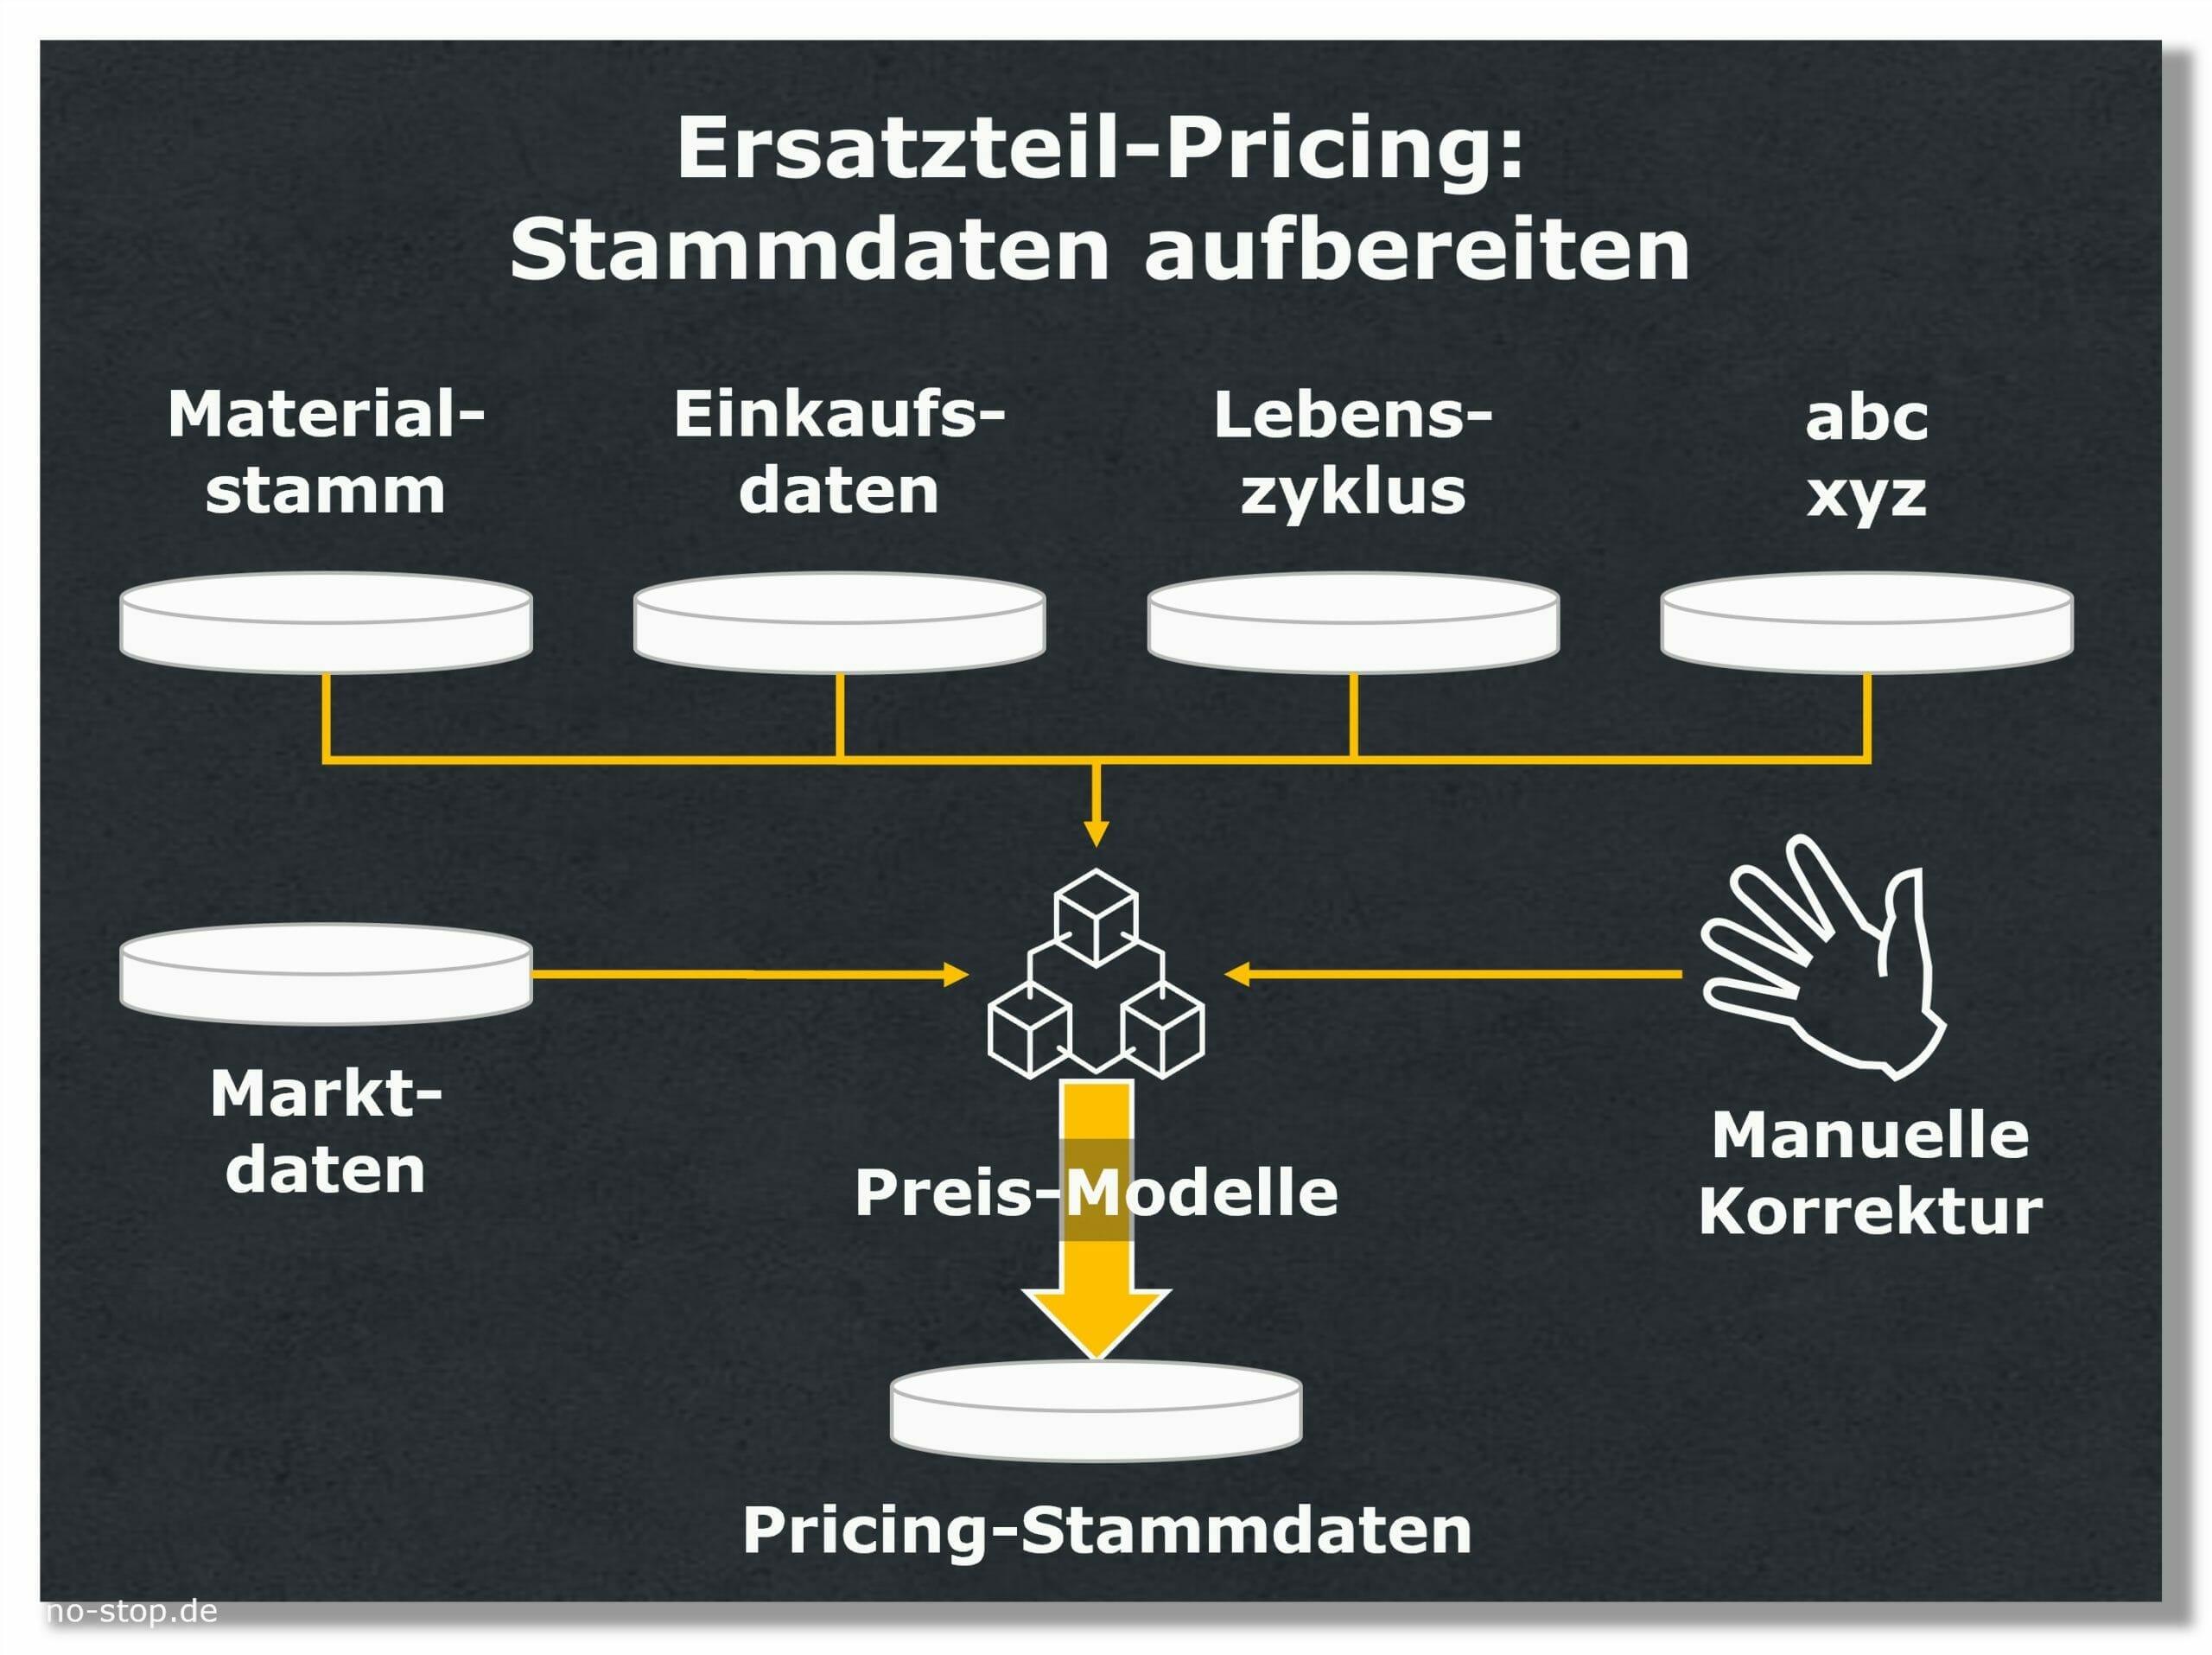 Stammdaten für das Ersatzteil-Pricing aufbereiten